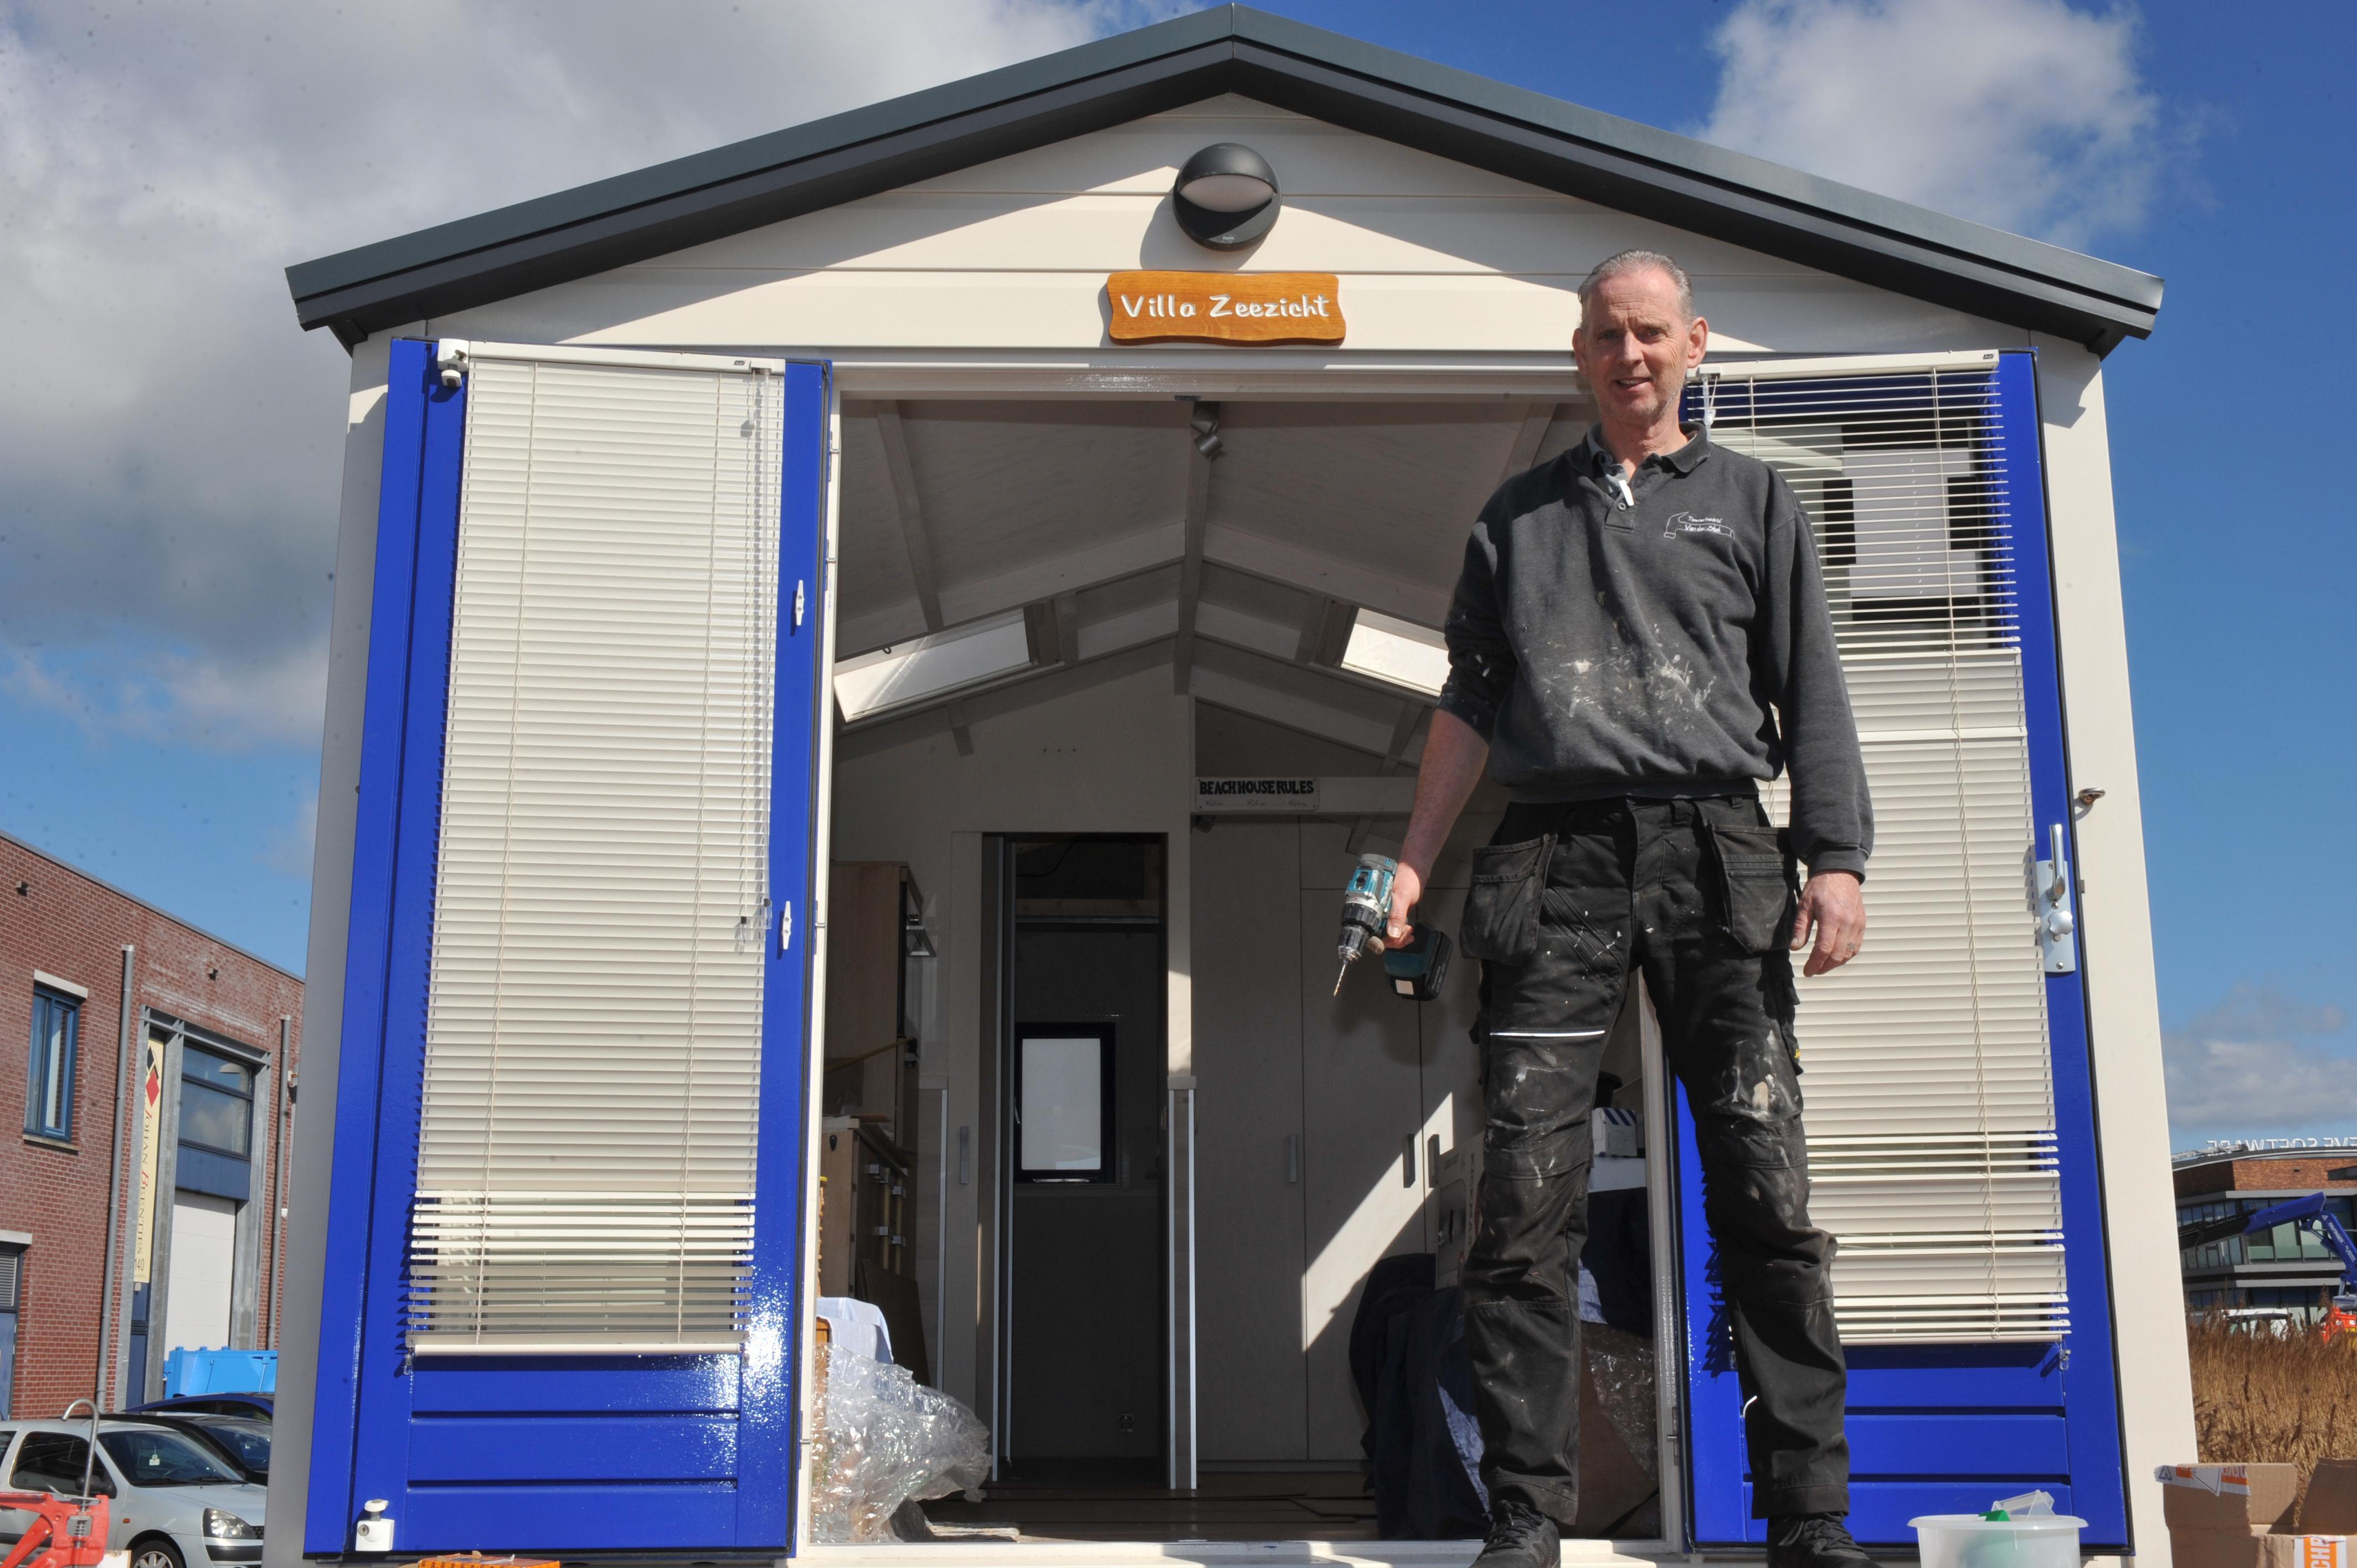 Martin van der Stel timmert strandhuisjes. 'In de loop der jaren heb ik tweehonderd huisjes gemaakt. Ik heb er zelf geen een. Ik maak liever een wandeling'